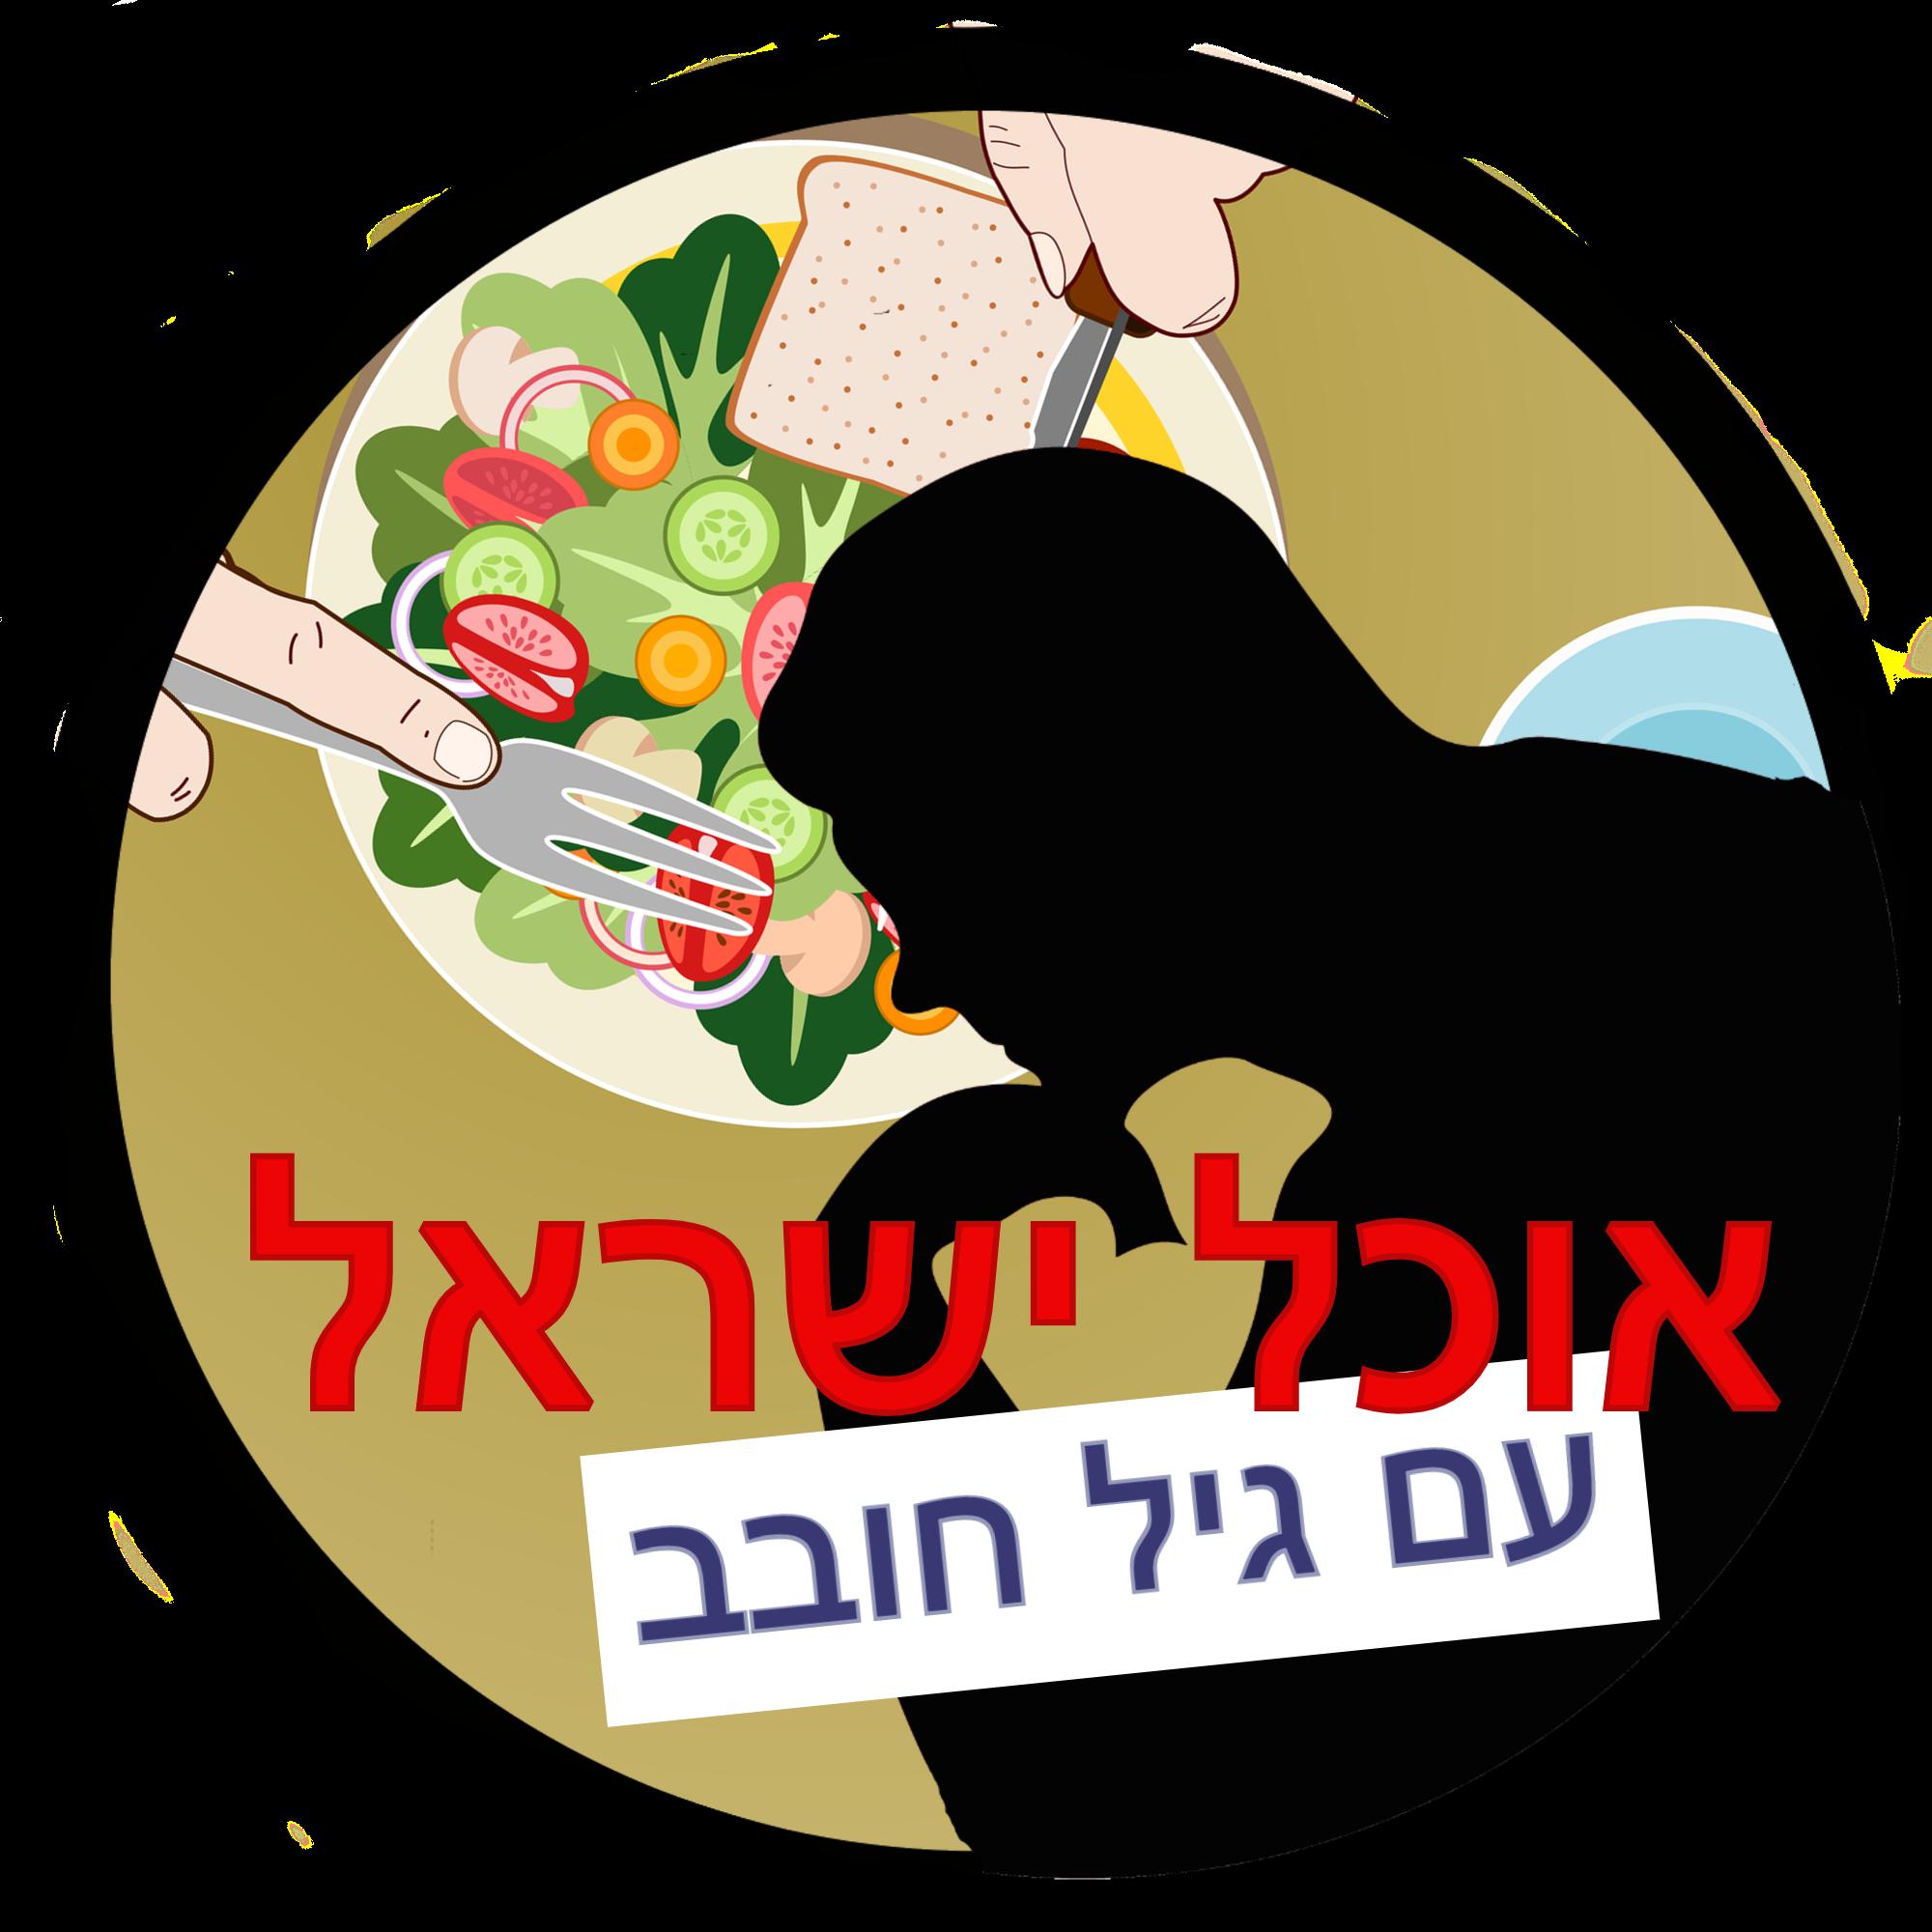 [אוכל ישראל] מסעדה צרפתית וסלט צרפוקאי